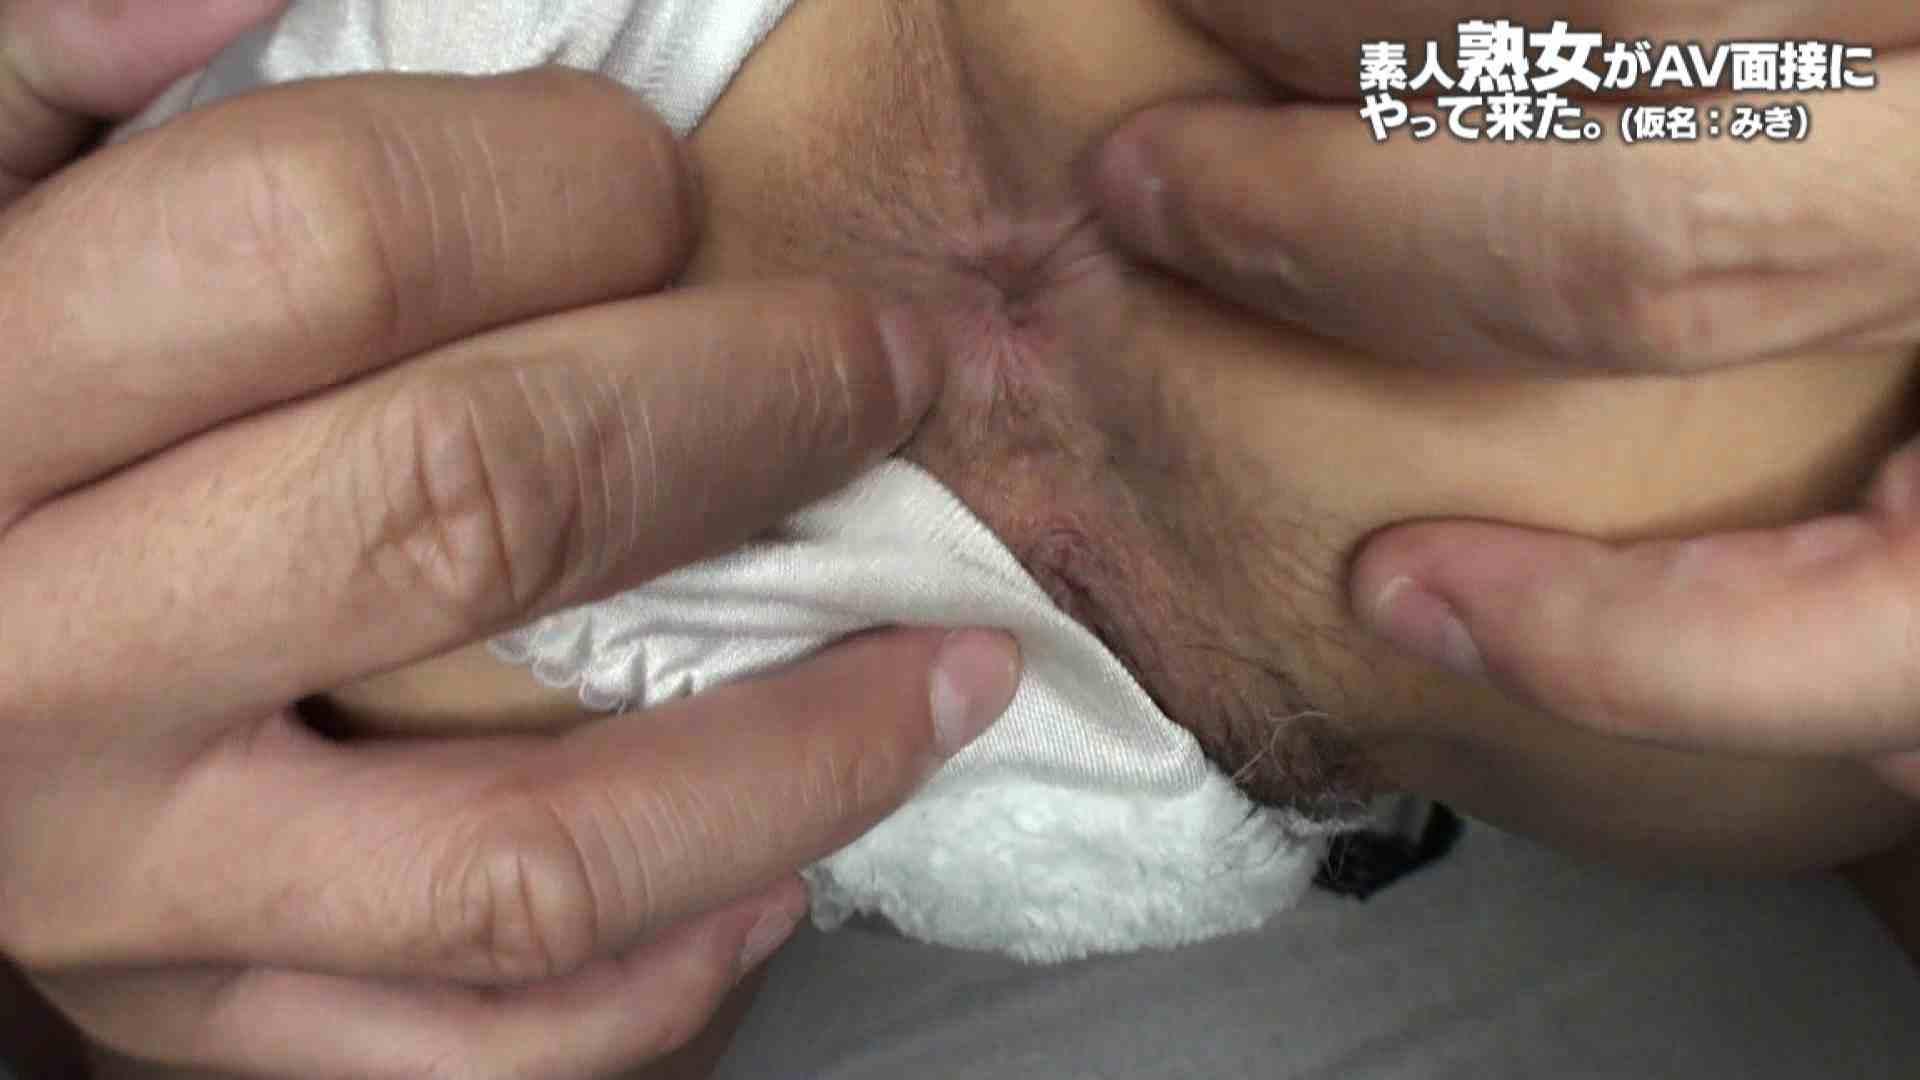 素人熟女がAV面接にやってきた (熟女)みきさんVOL.04(前編) ギャル達のセックス | 素人  102画像 32